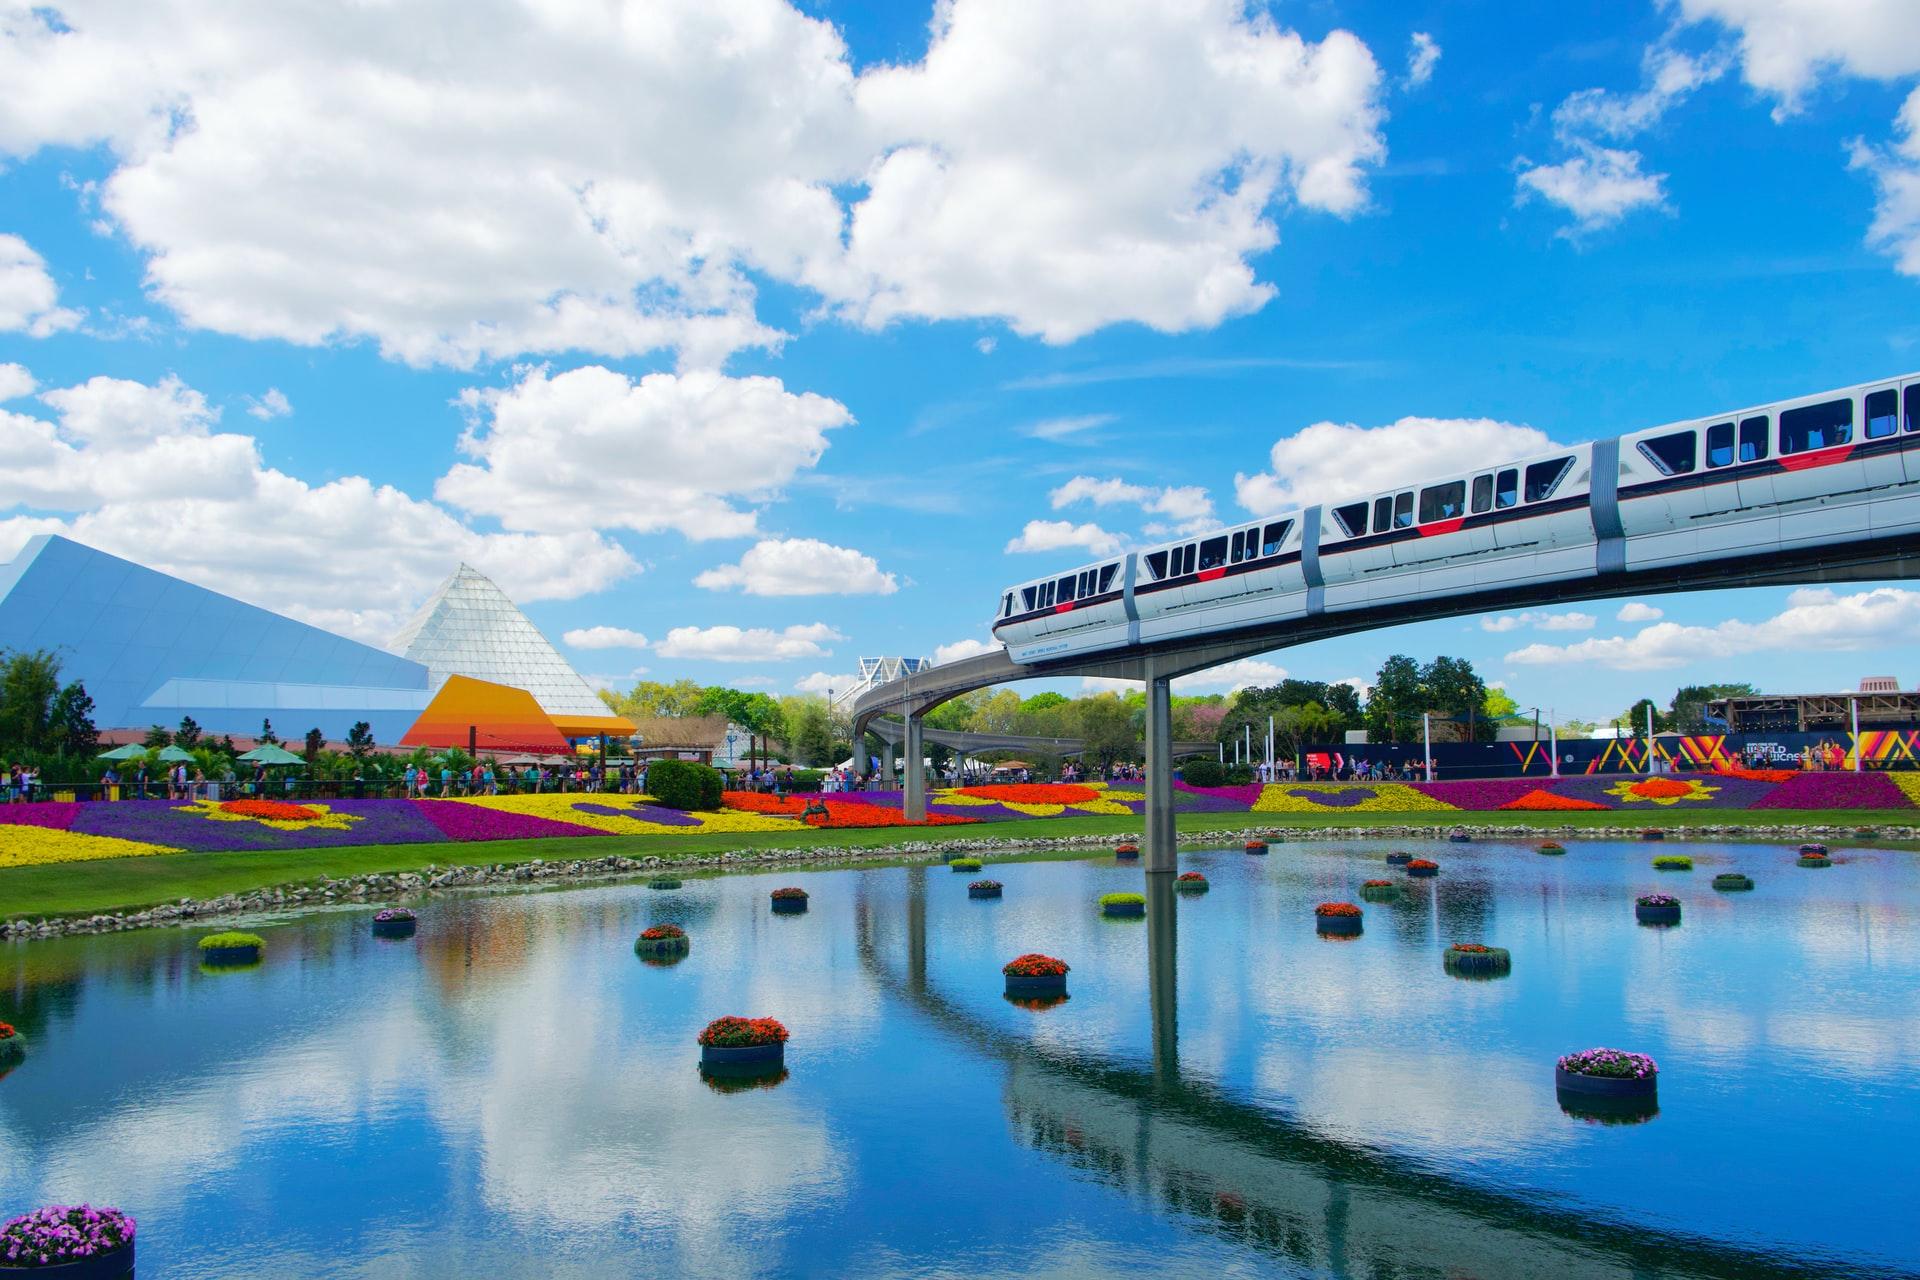 Disney's Contemporary Resort - Castle Vacations